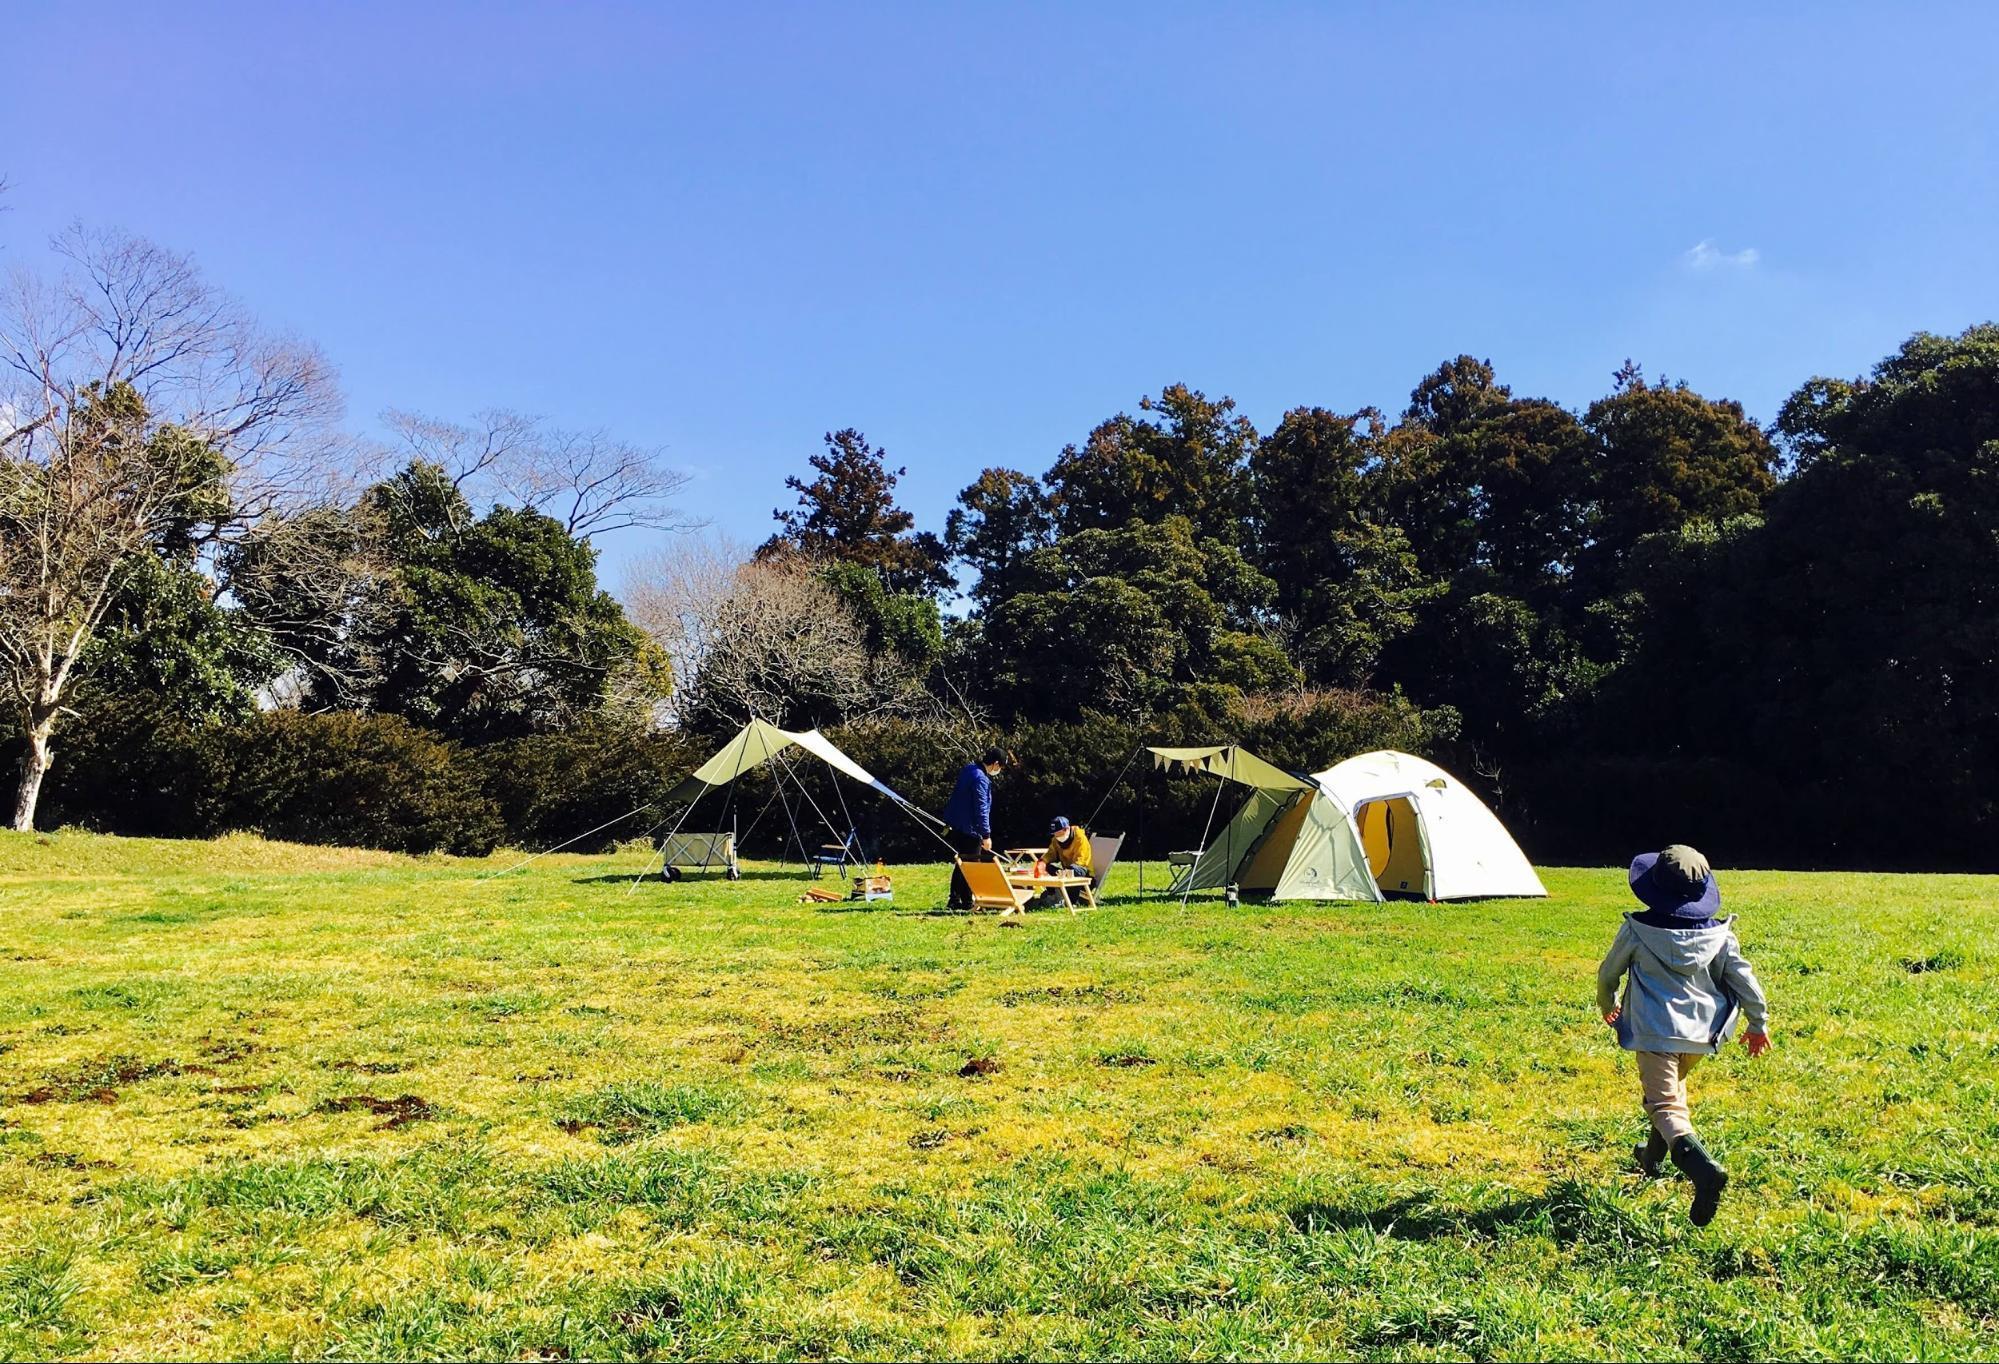 ソロキャンプ~ファミリーキャンプまで!『2ルームテント』の魅力♡